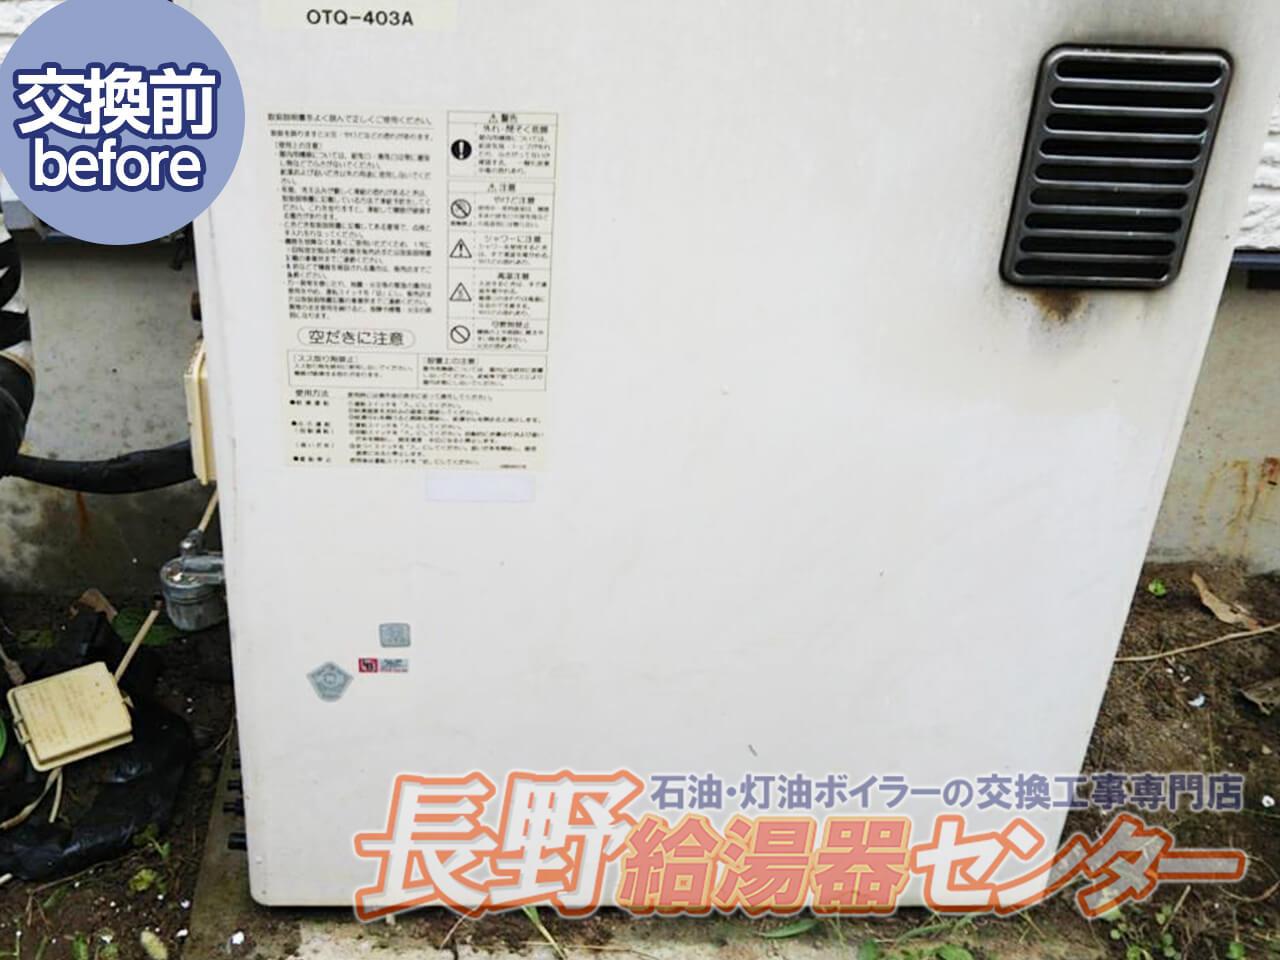 伊勢崎市 OTQ-403AからOTQ-C4705AYへ交換工事